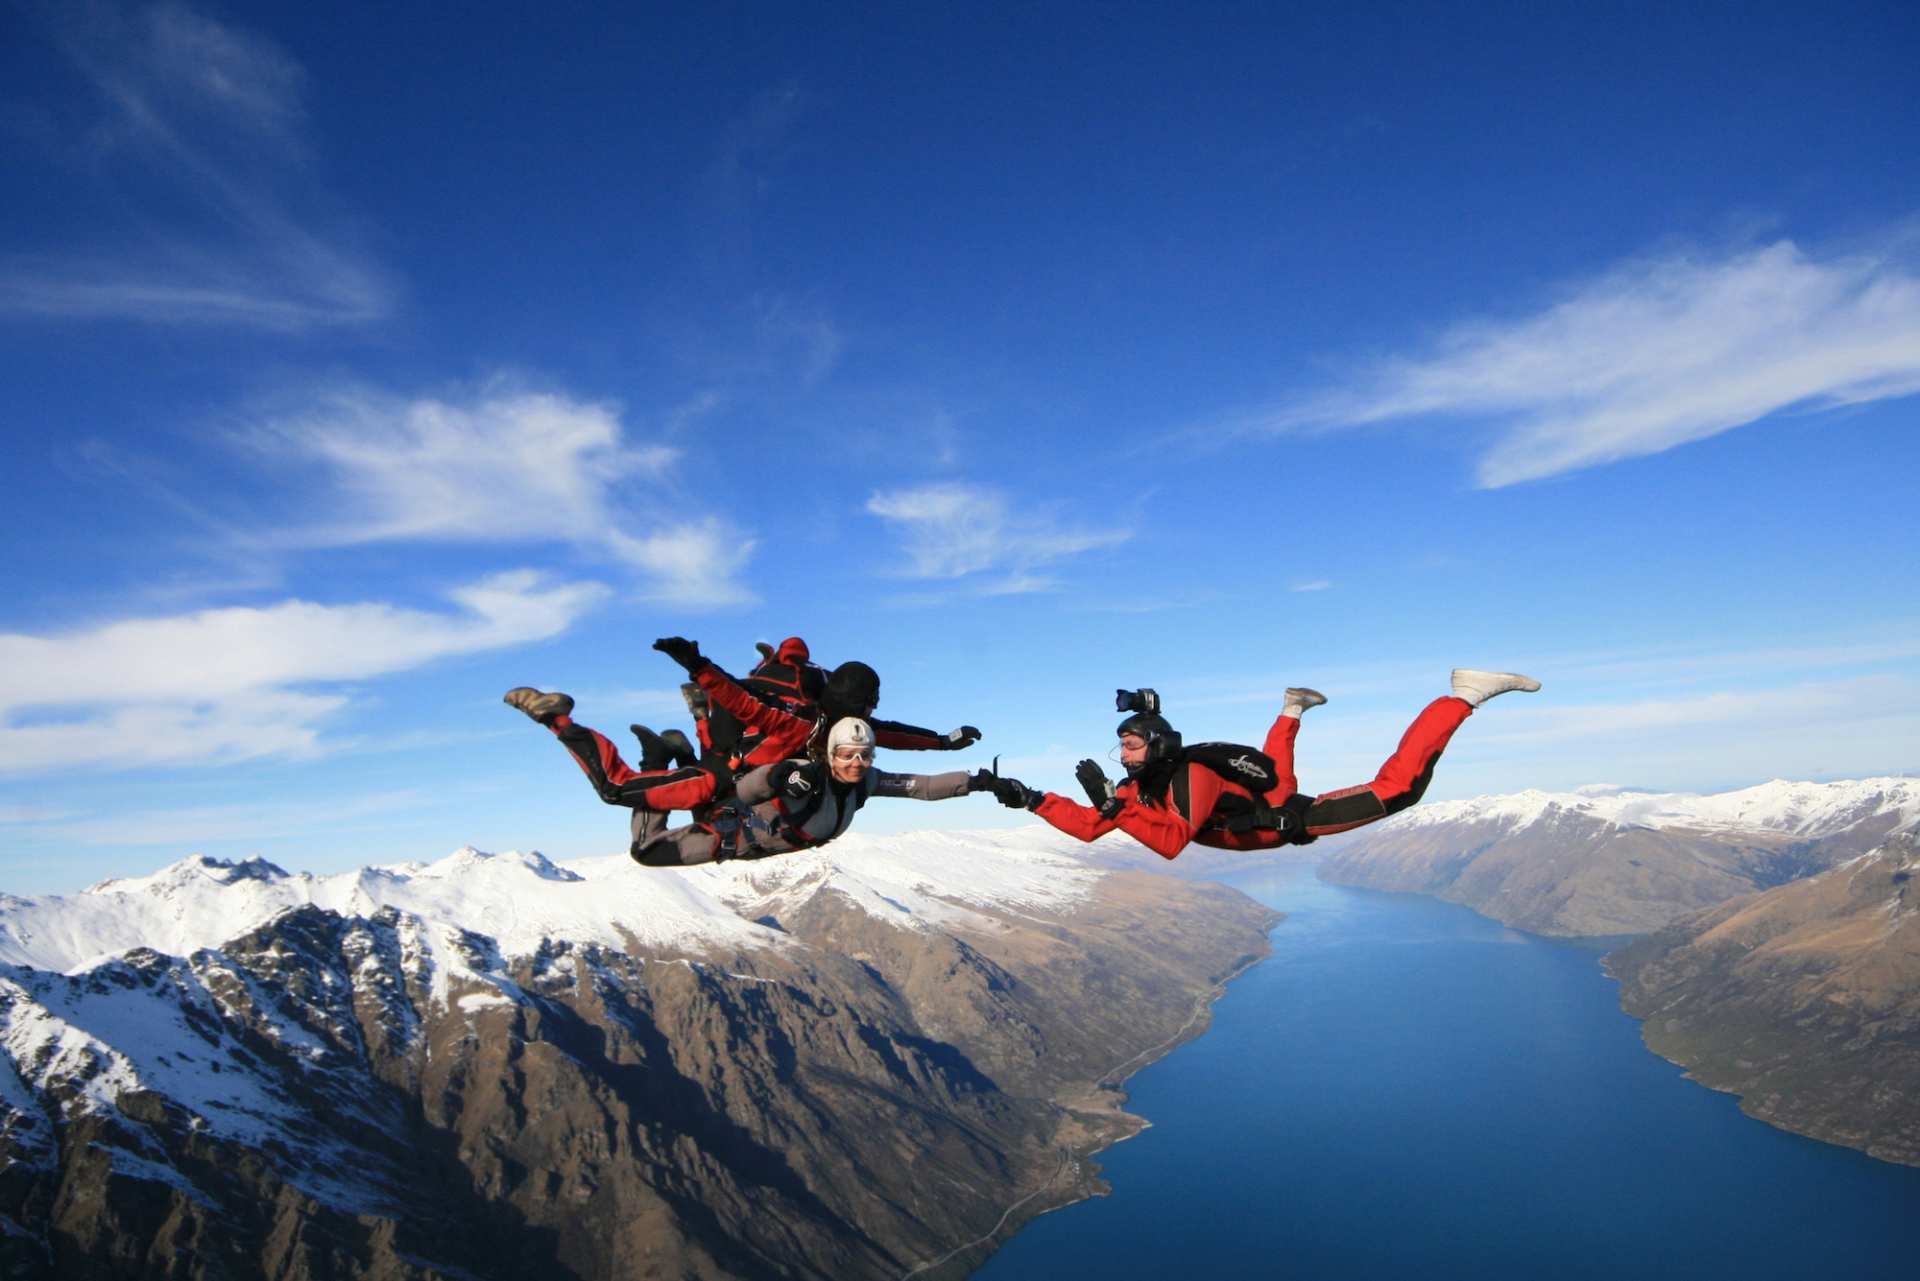 【紐西蘭高空跳傘】皇后鎮 Nzone Skydive 高空跳傘體驗